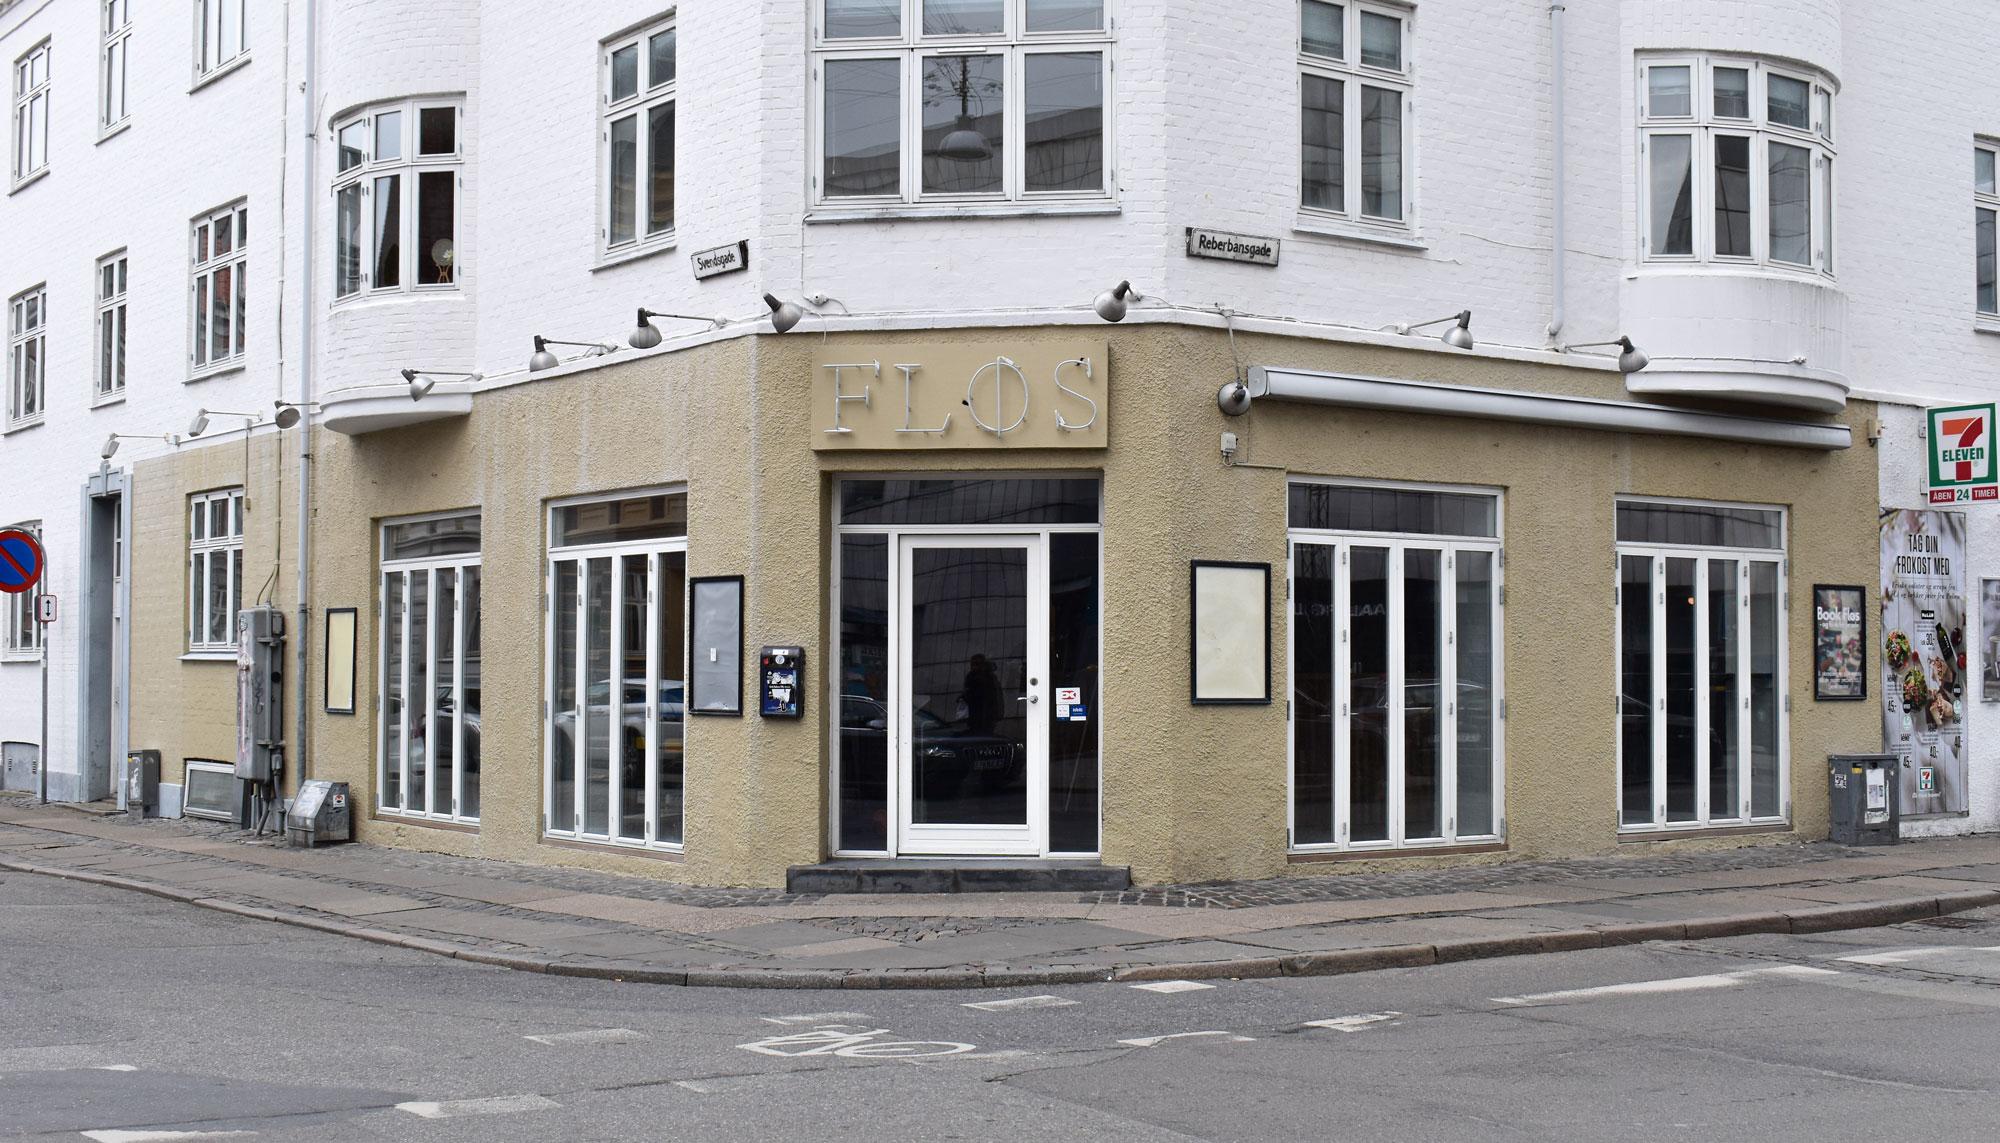 Blev lukket af kommunen: Nu genåbner Wildebeest på ny lokation